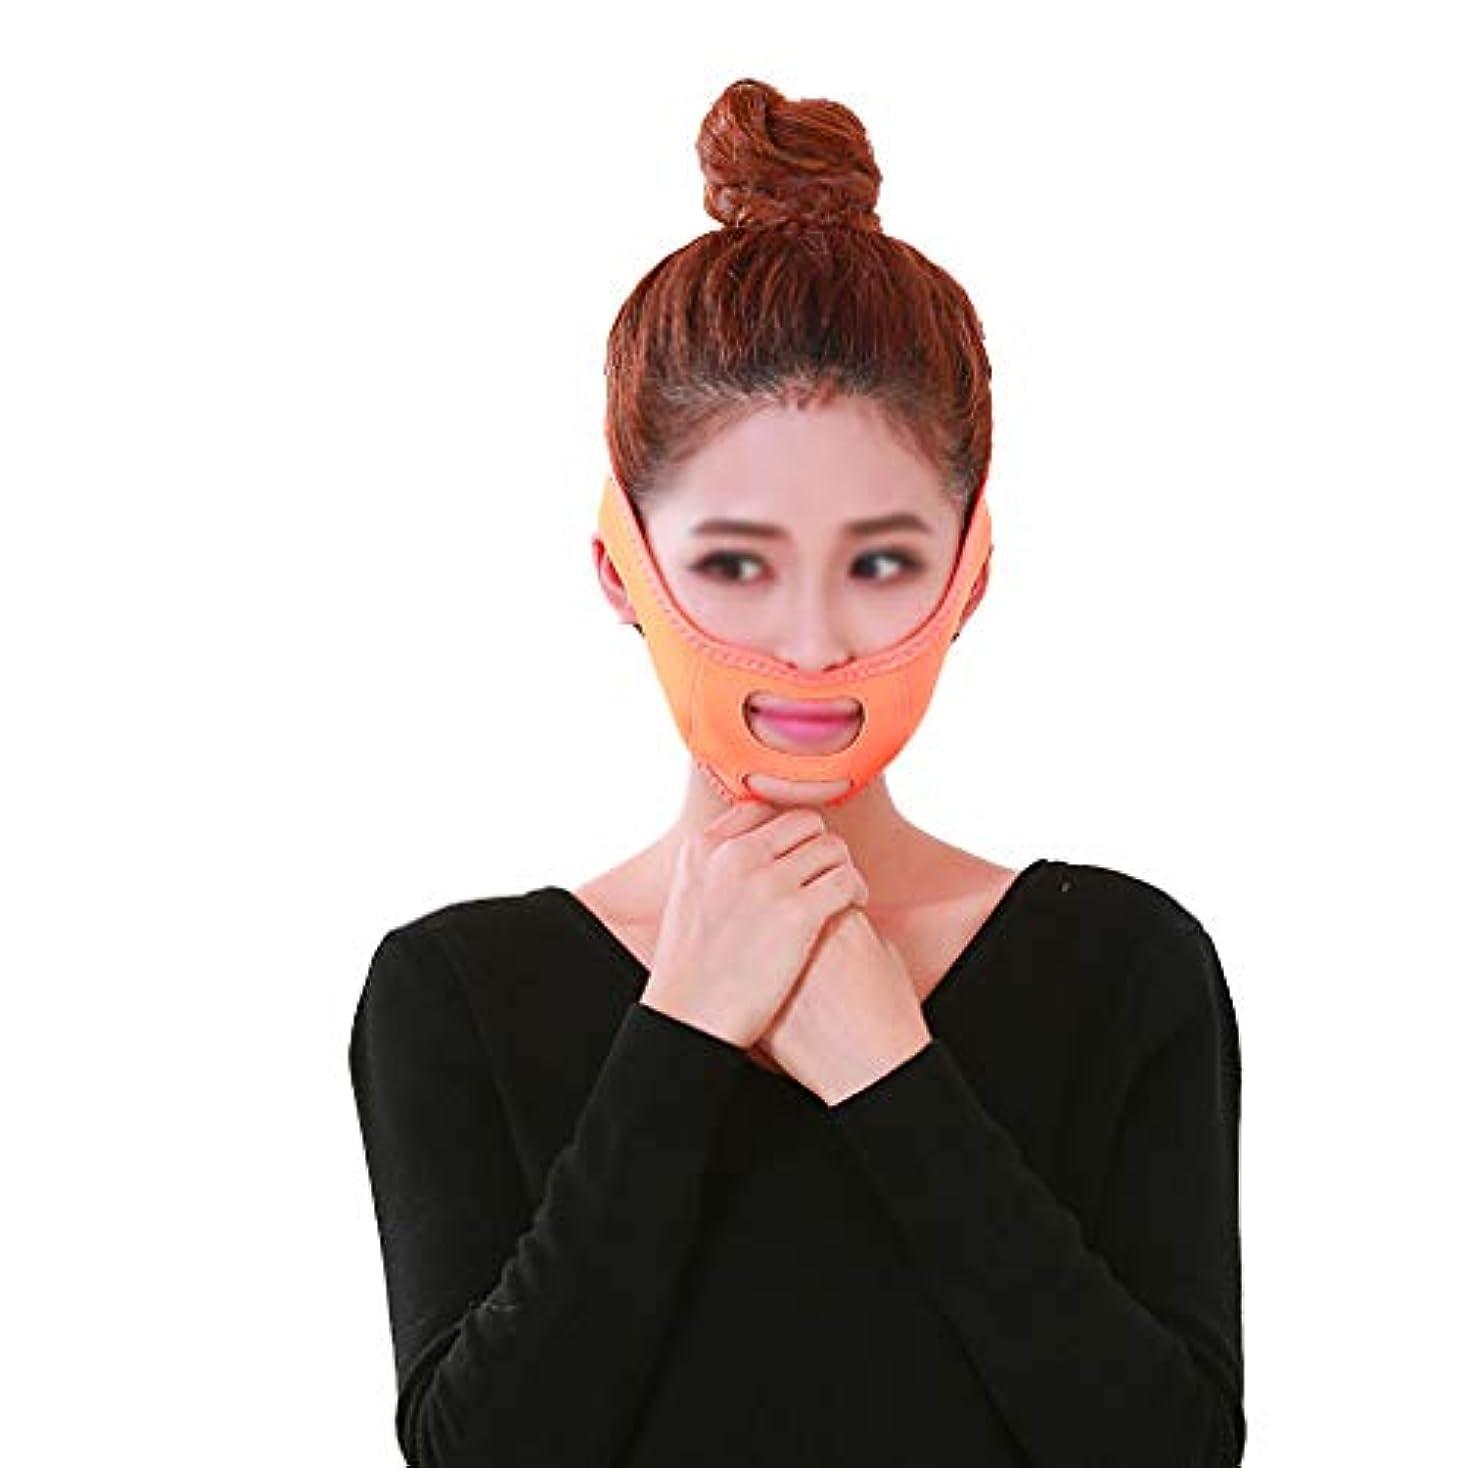 目を覚ます膨らませるポータルフェイスリフトフェイシャル、フェイシャルマスクVフェイスマスクタイトな肌のリラクゼーションを防ぐVフェイスアーティファクトフェイスリフト包帯フェイスケア (Color : Orange)